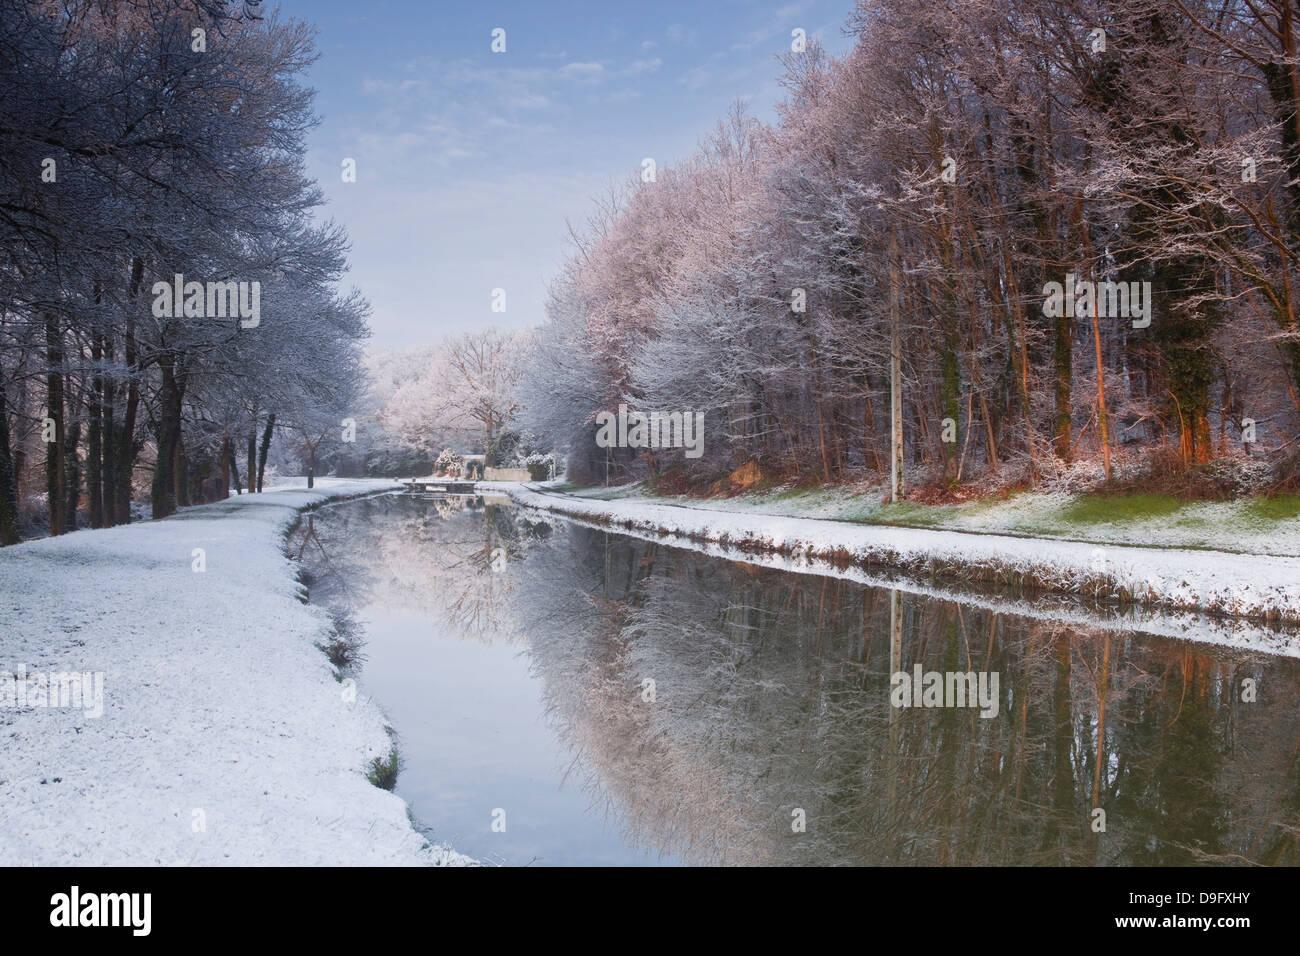 The Canal de Berry after a snow shower, Loir-et-Cher, Centre, France - Stock Image